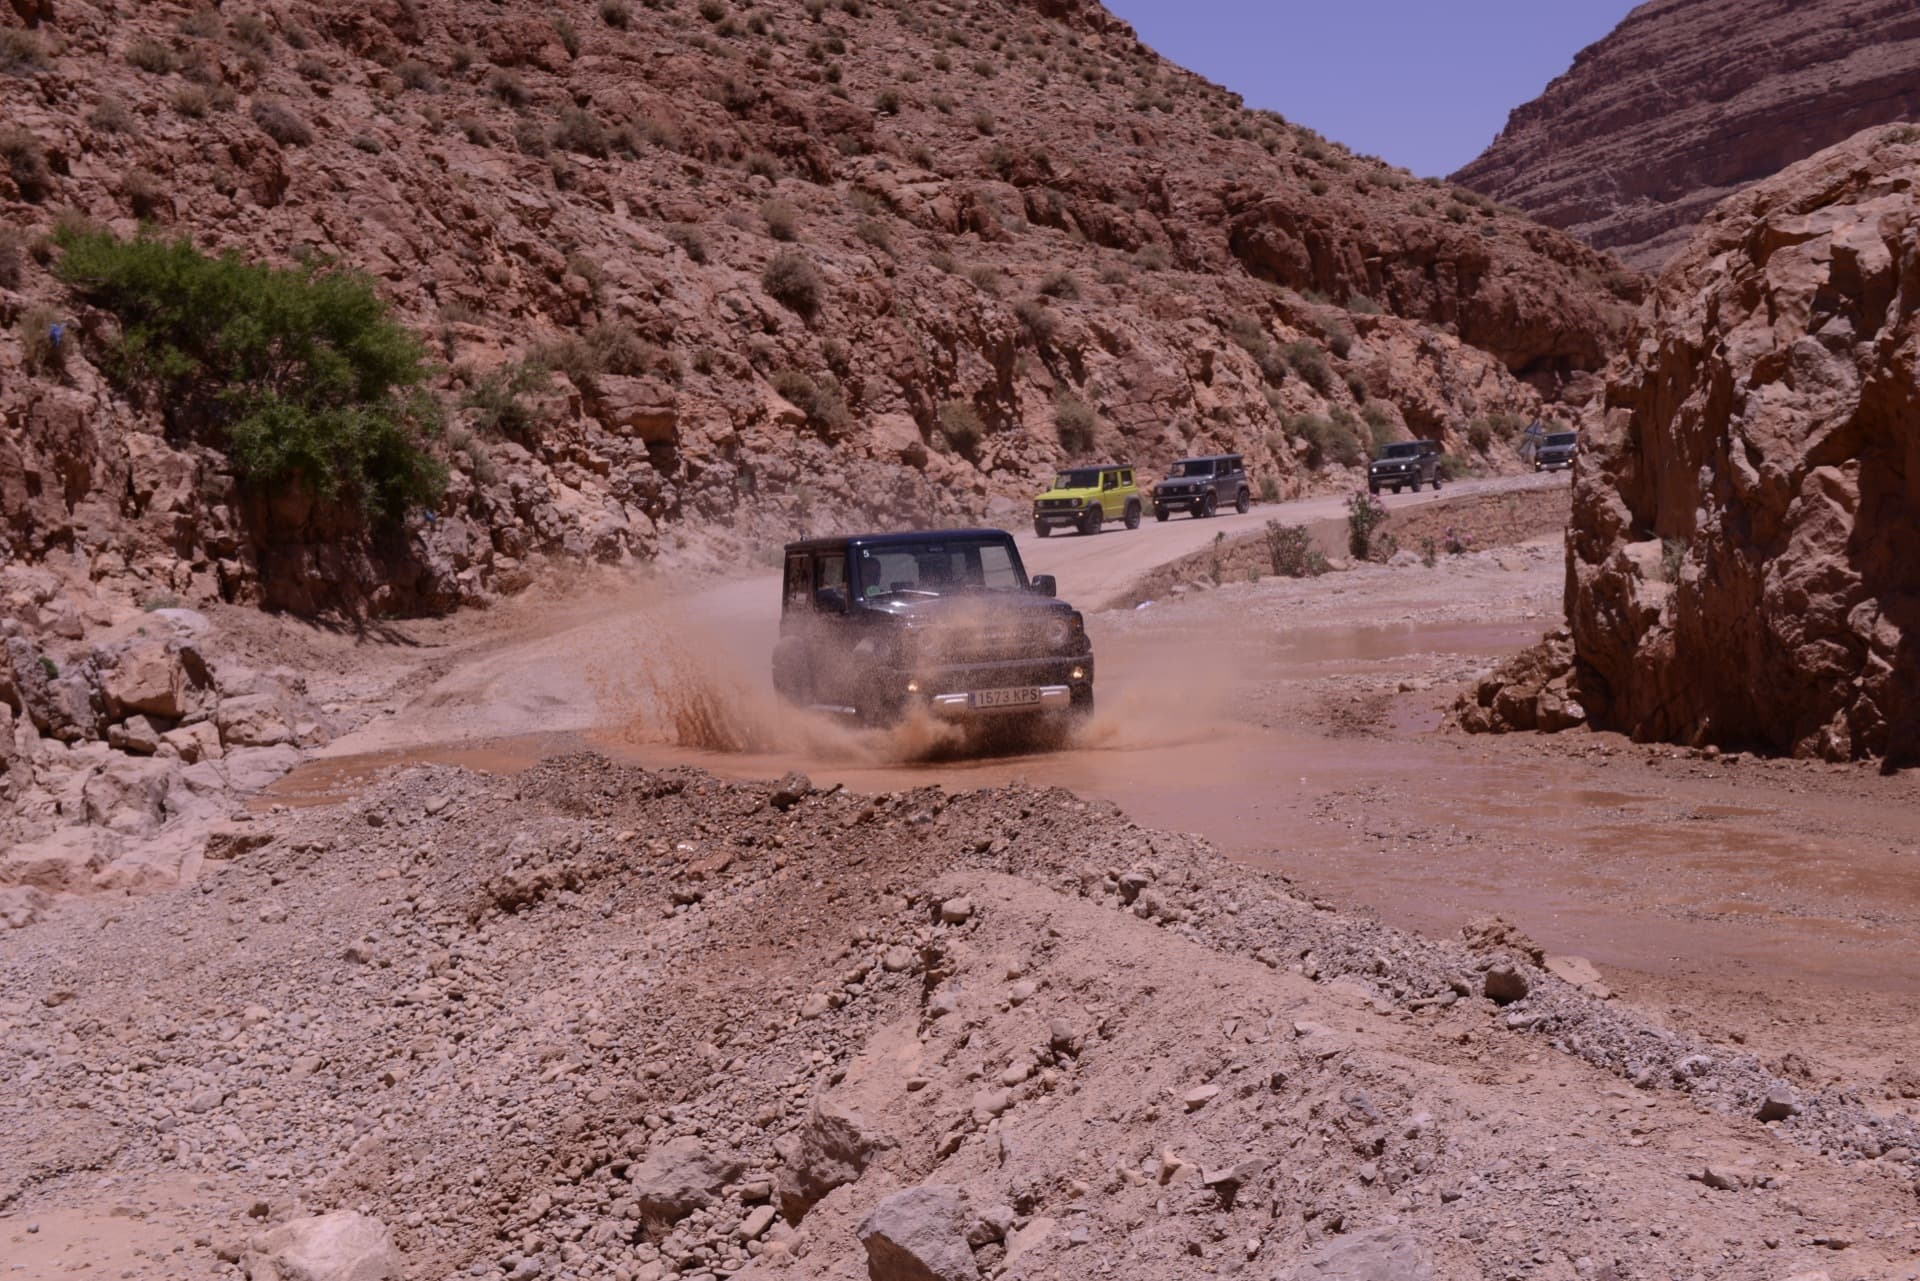 Suzuki Jimny Desert Experience 2019 00105